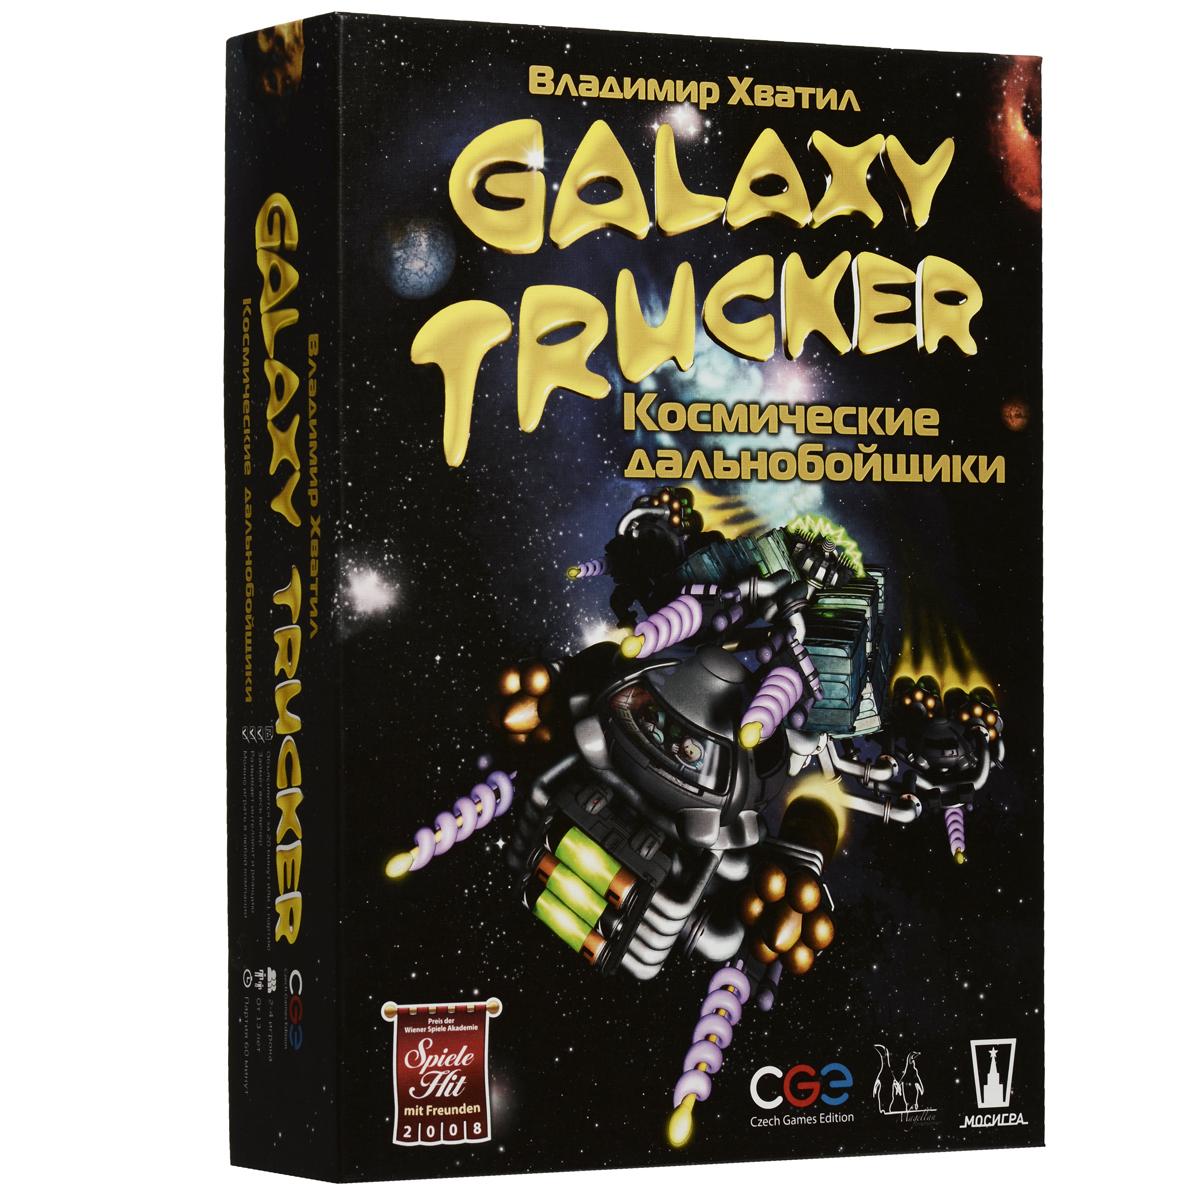 Настольная игра Magellan Космические дальнобойщики (Galaxy Trucker)Р56720В далекой-далекой галактике… тоже нужны системы канализации. Корпорация строит их. Всем известны пилоты компании - отважные мужчины и женщины, которым не страшны никакие опасности. Они способны полететь в самое пекло ада, если им, разумеется, хорошо заплатят. Вы можете присоединиться к ним и получить доступ к готовым модулям космических кораблей, переделанным из канализационных труб. Сможете ли вы построить достаточно крепкий корабль, чтобы выдержать метеоритный дождь? Хватит ли на его борту вооружения, чтобы отбиться от пиратов? Будет ли он достаточно вместимым, чтобы переносить на себе многочисленный экипаж и ценный груз? И быстрым, чтобы успеть перевезти его первым? Конечно, да. Станьте космическим дальнобойщиком. Это очень весело. Игра состоит из трех раундов. В каждом раунде игроки начинают с того, что идут на склад и пытаются урвать себе более подходящие модули, чтобы построить лучший космический корабль. После того как строительство корабля завершено, игроки...